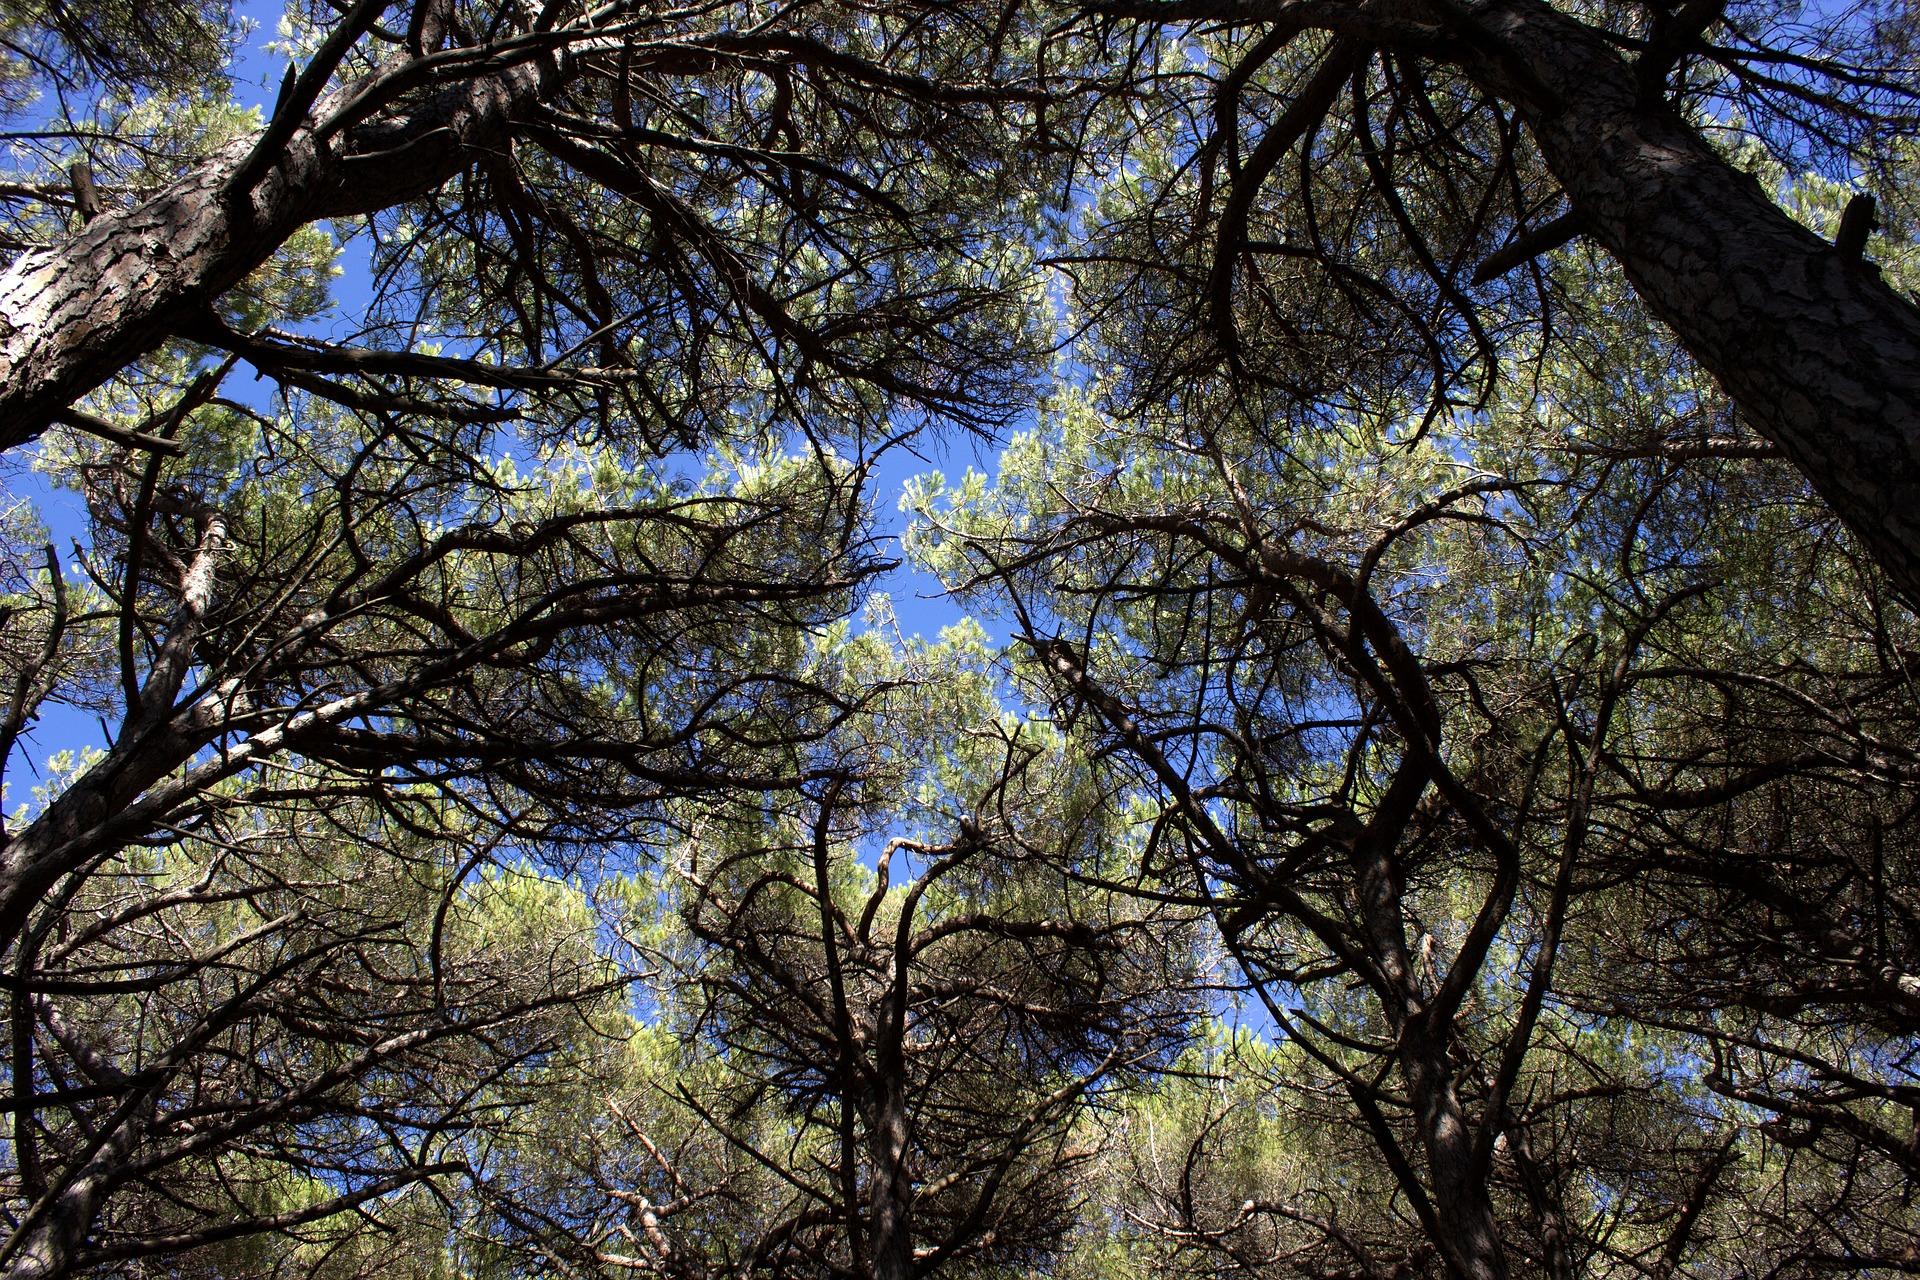 Foresta boschi alberi